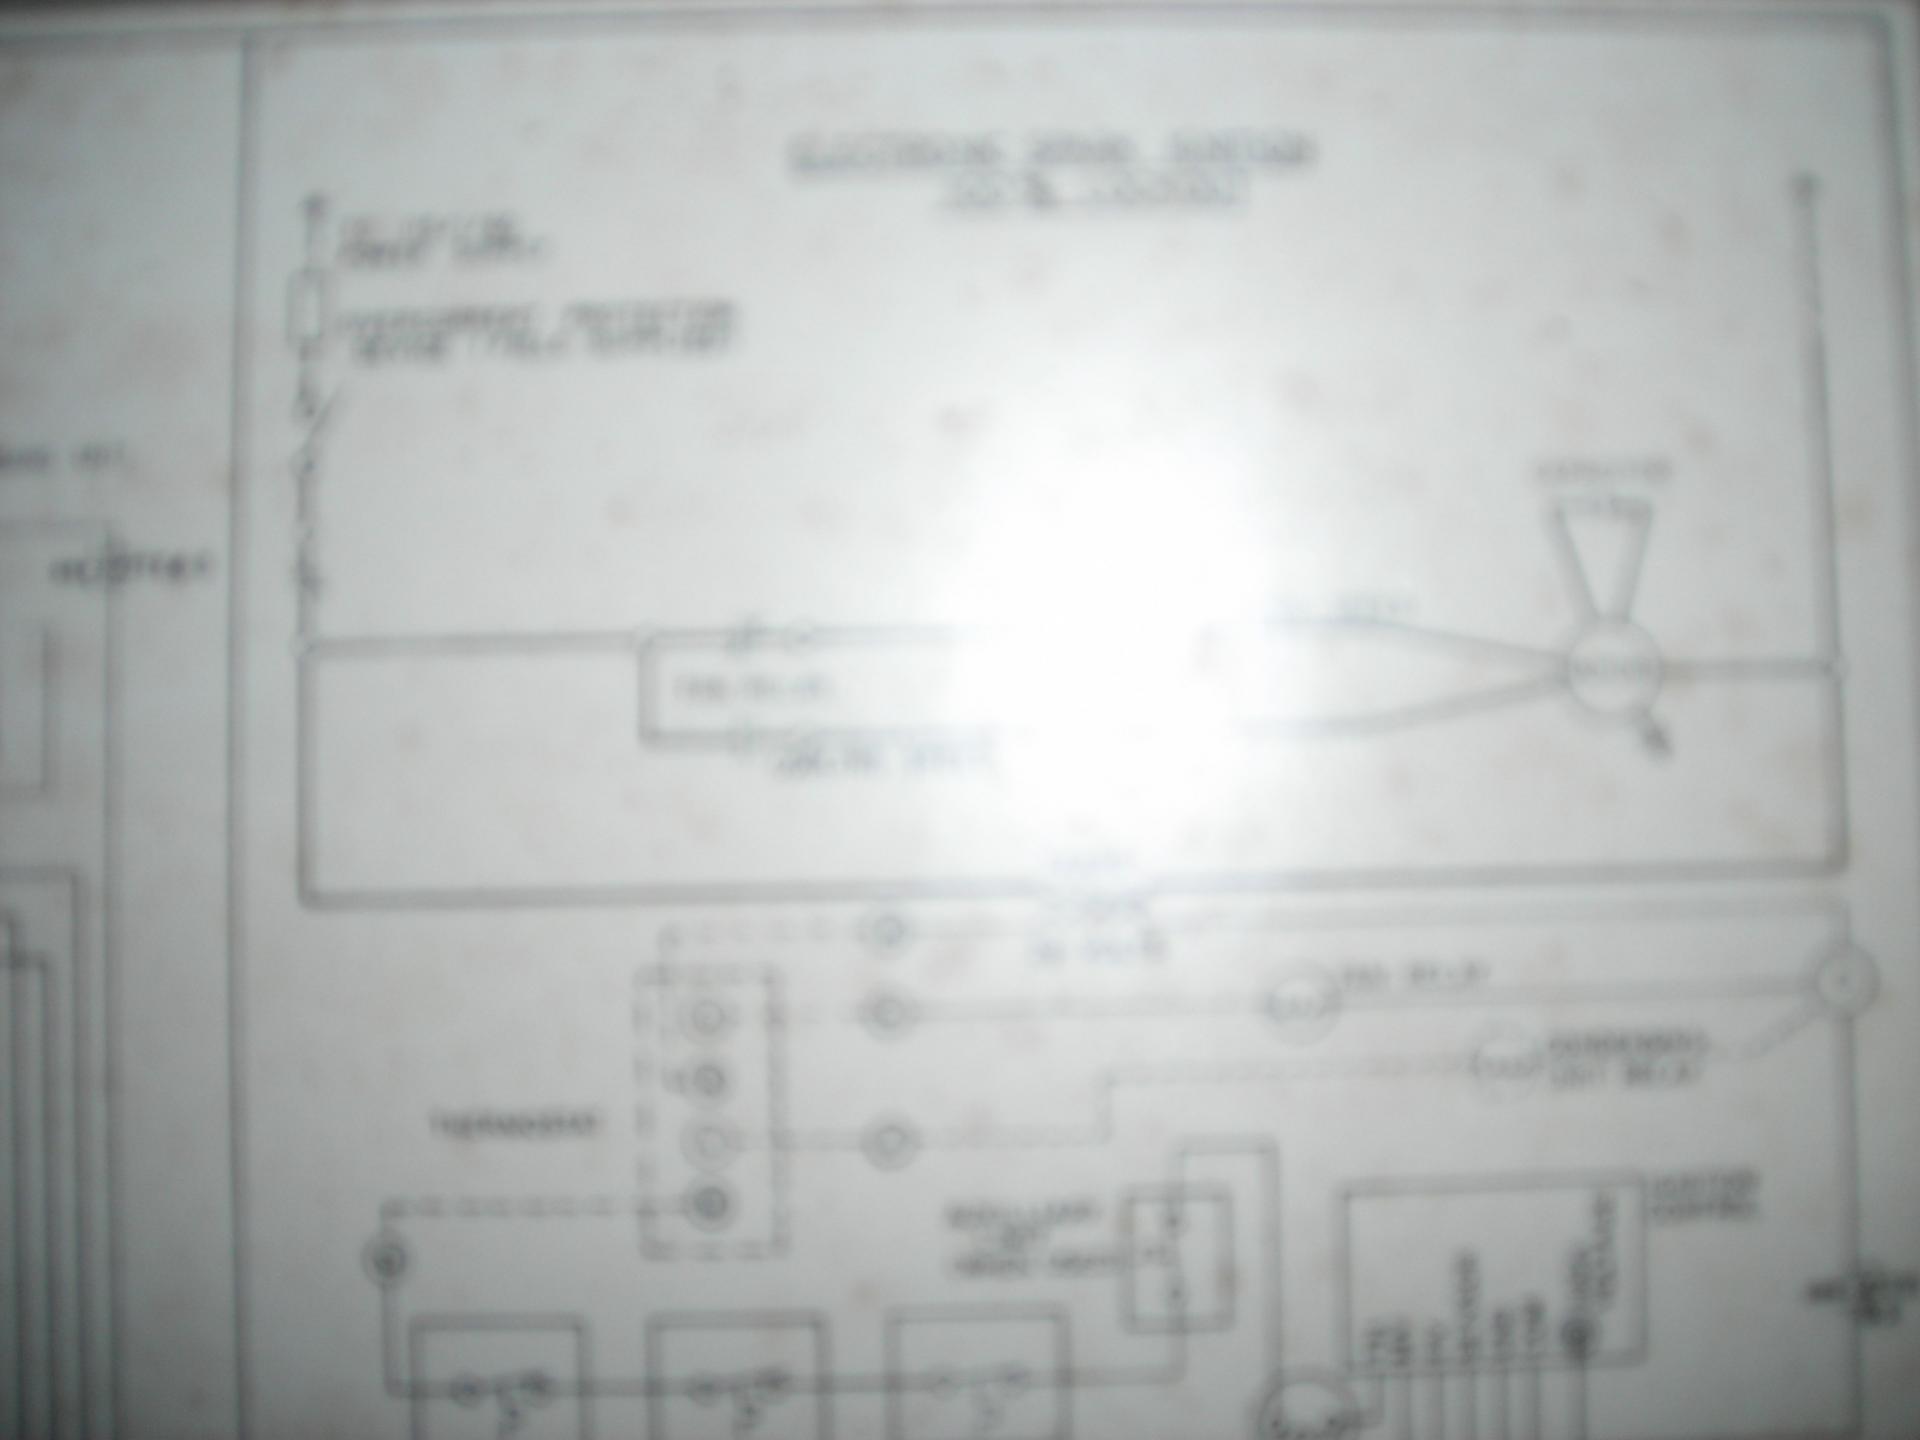 FIXED - Janitrol Furnace Fan will run on